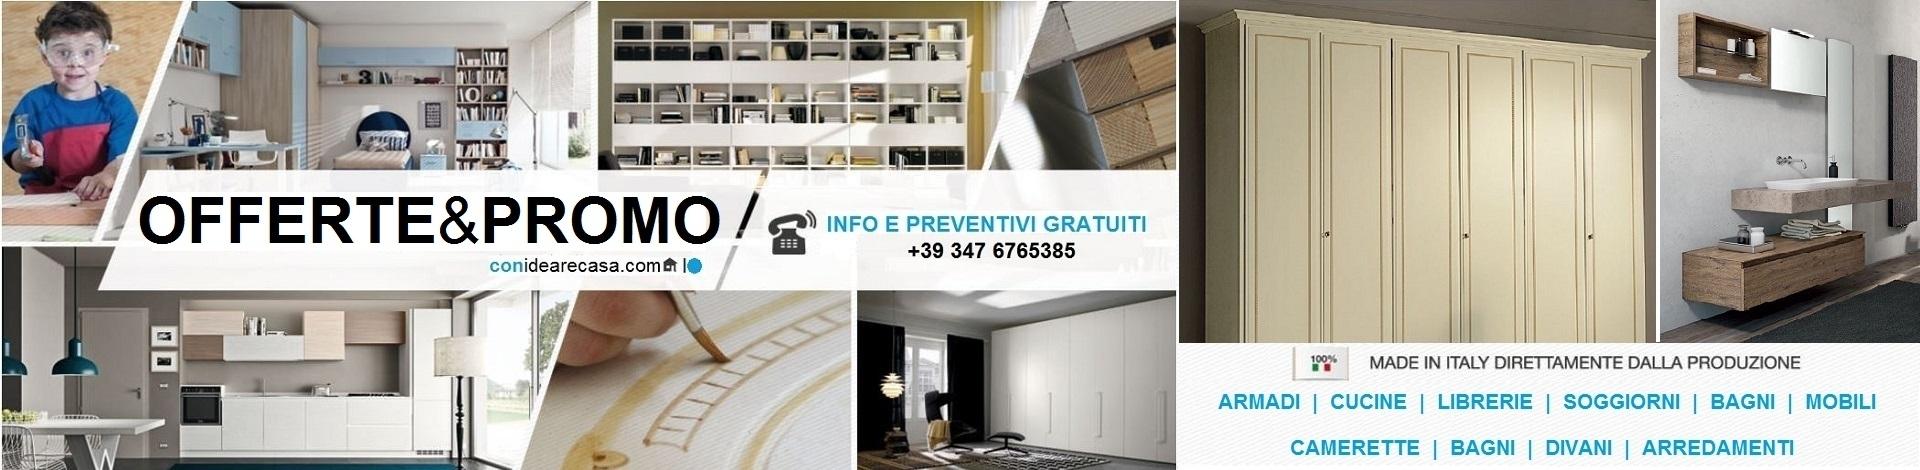 Promozioni offerte sconti idearecasa bologna for Offerte mobili bologna